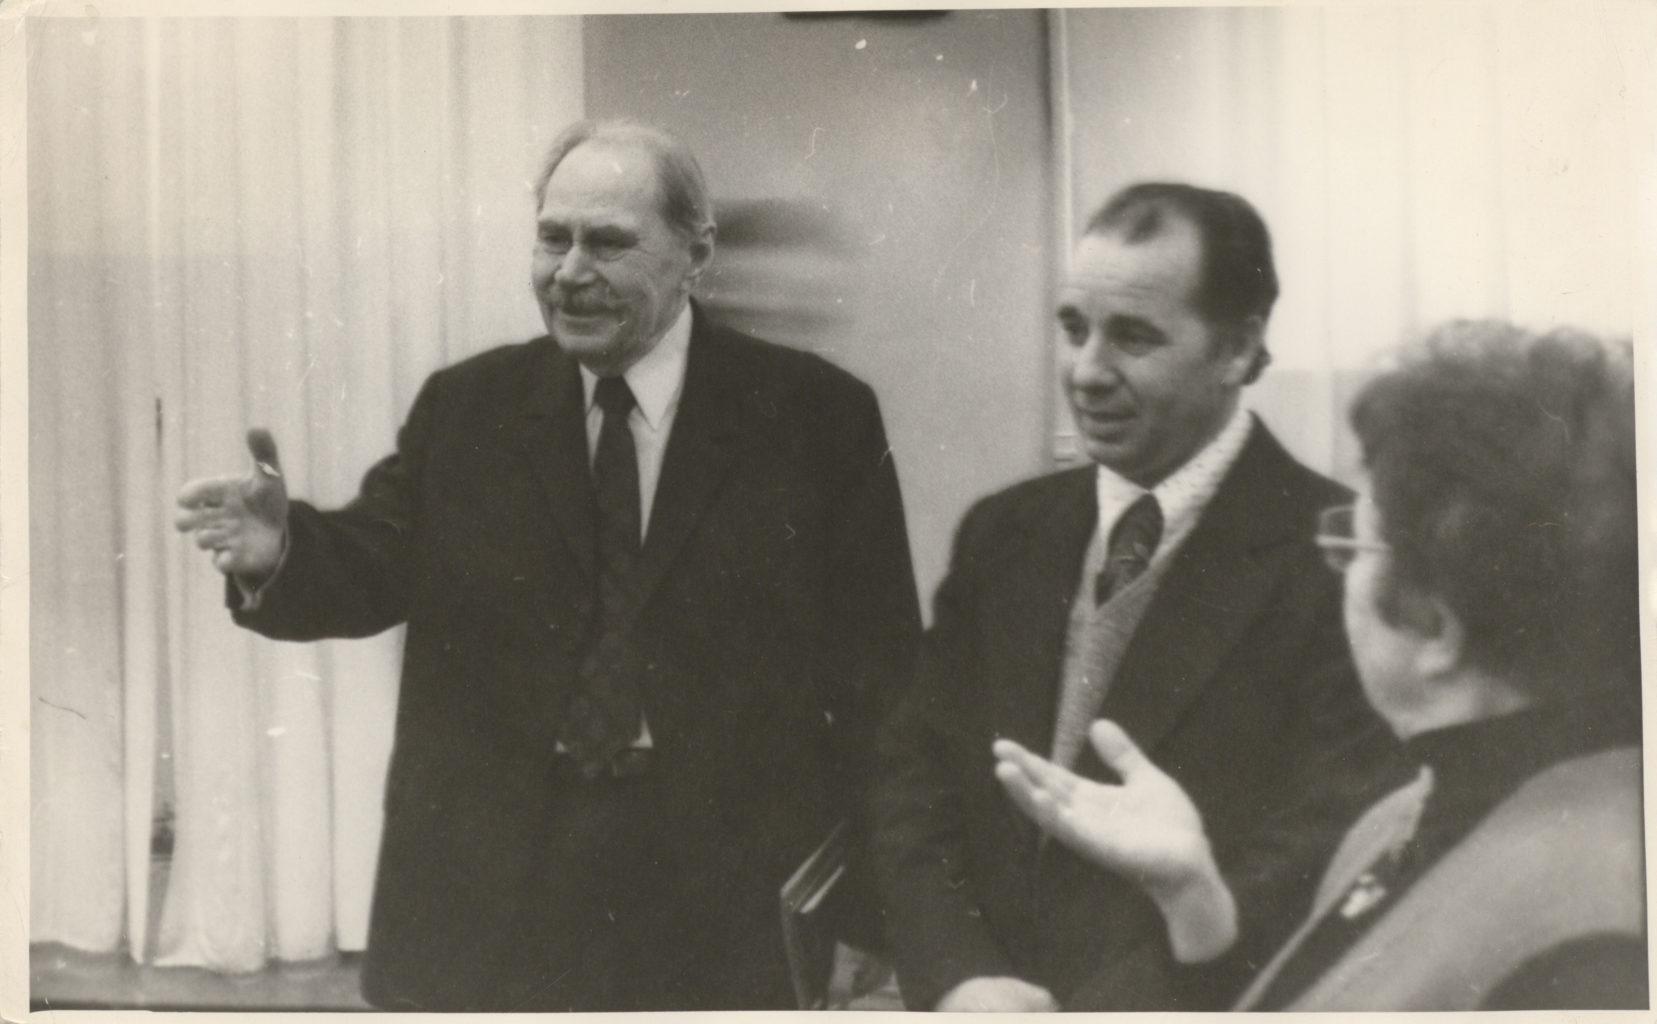 П. Князев: фотография